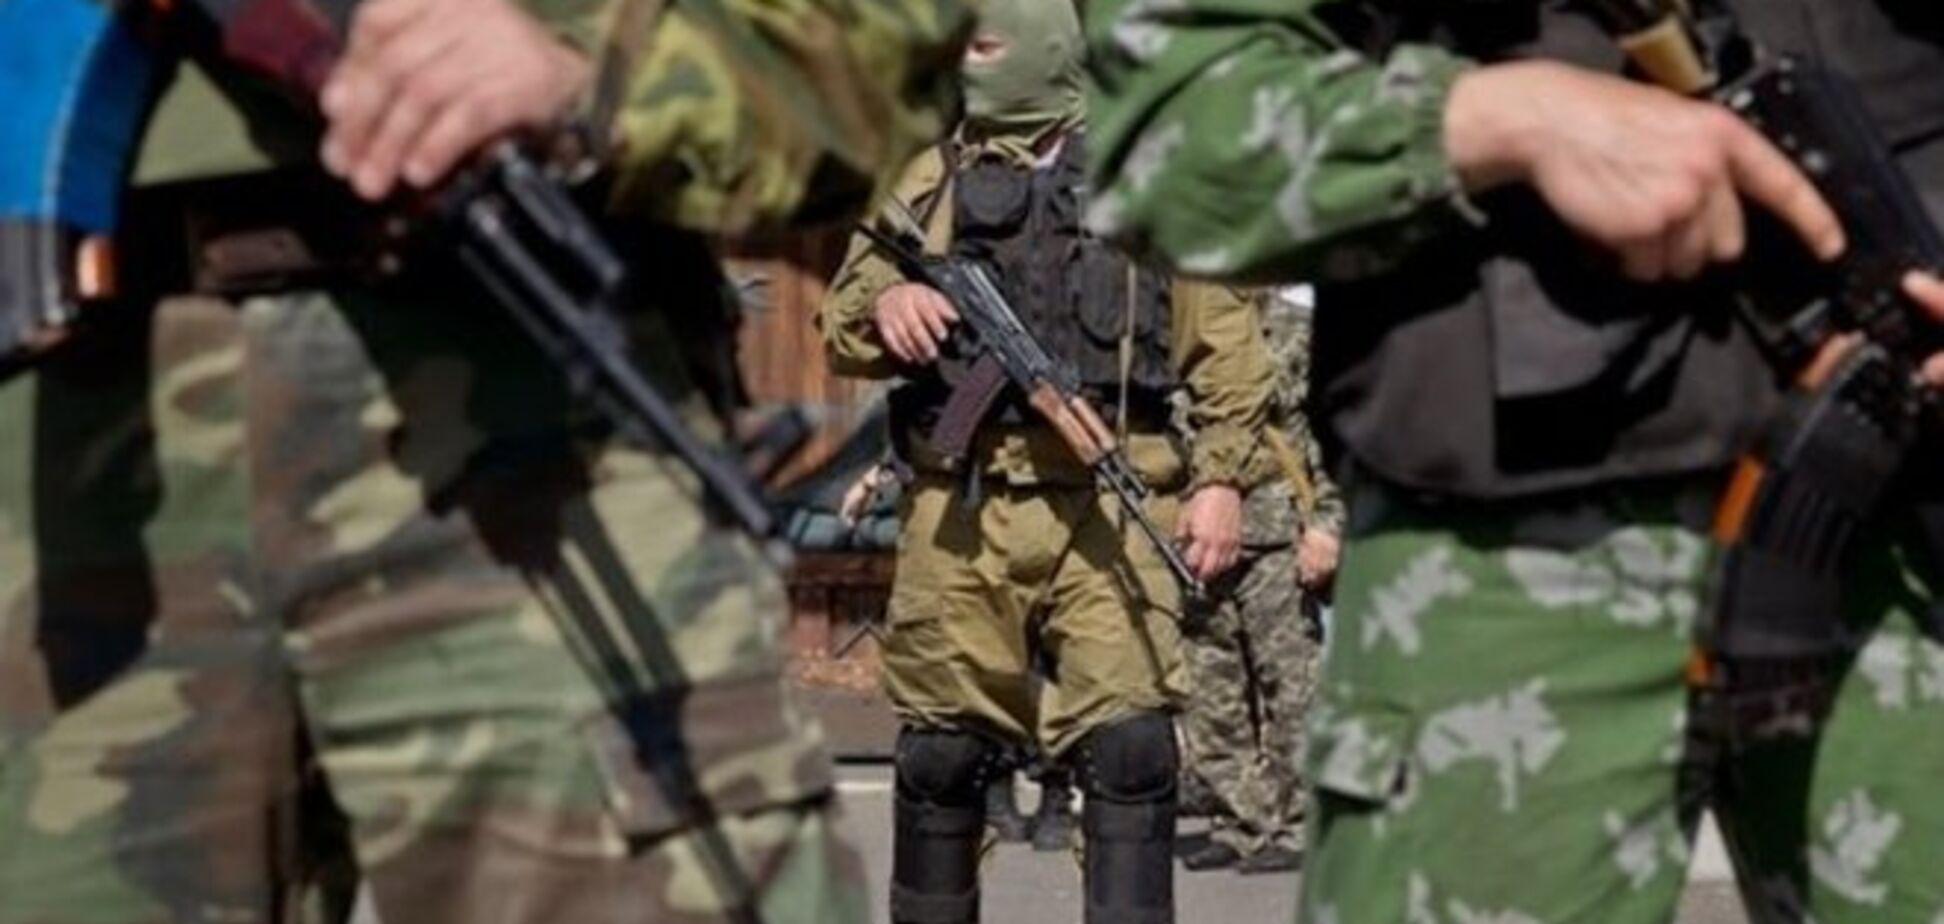 Дебальцево и Авдеевка обстреливаются террористами, попытки захвата аэропорта не прекращаются